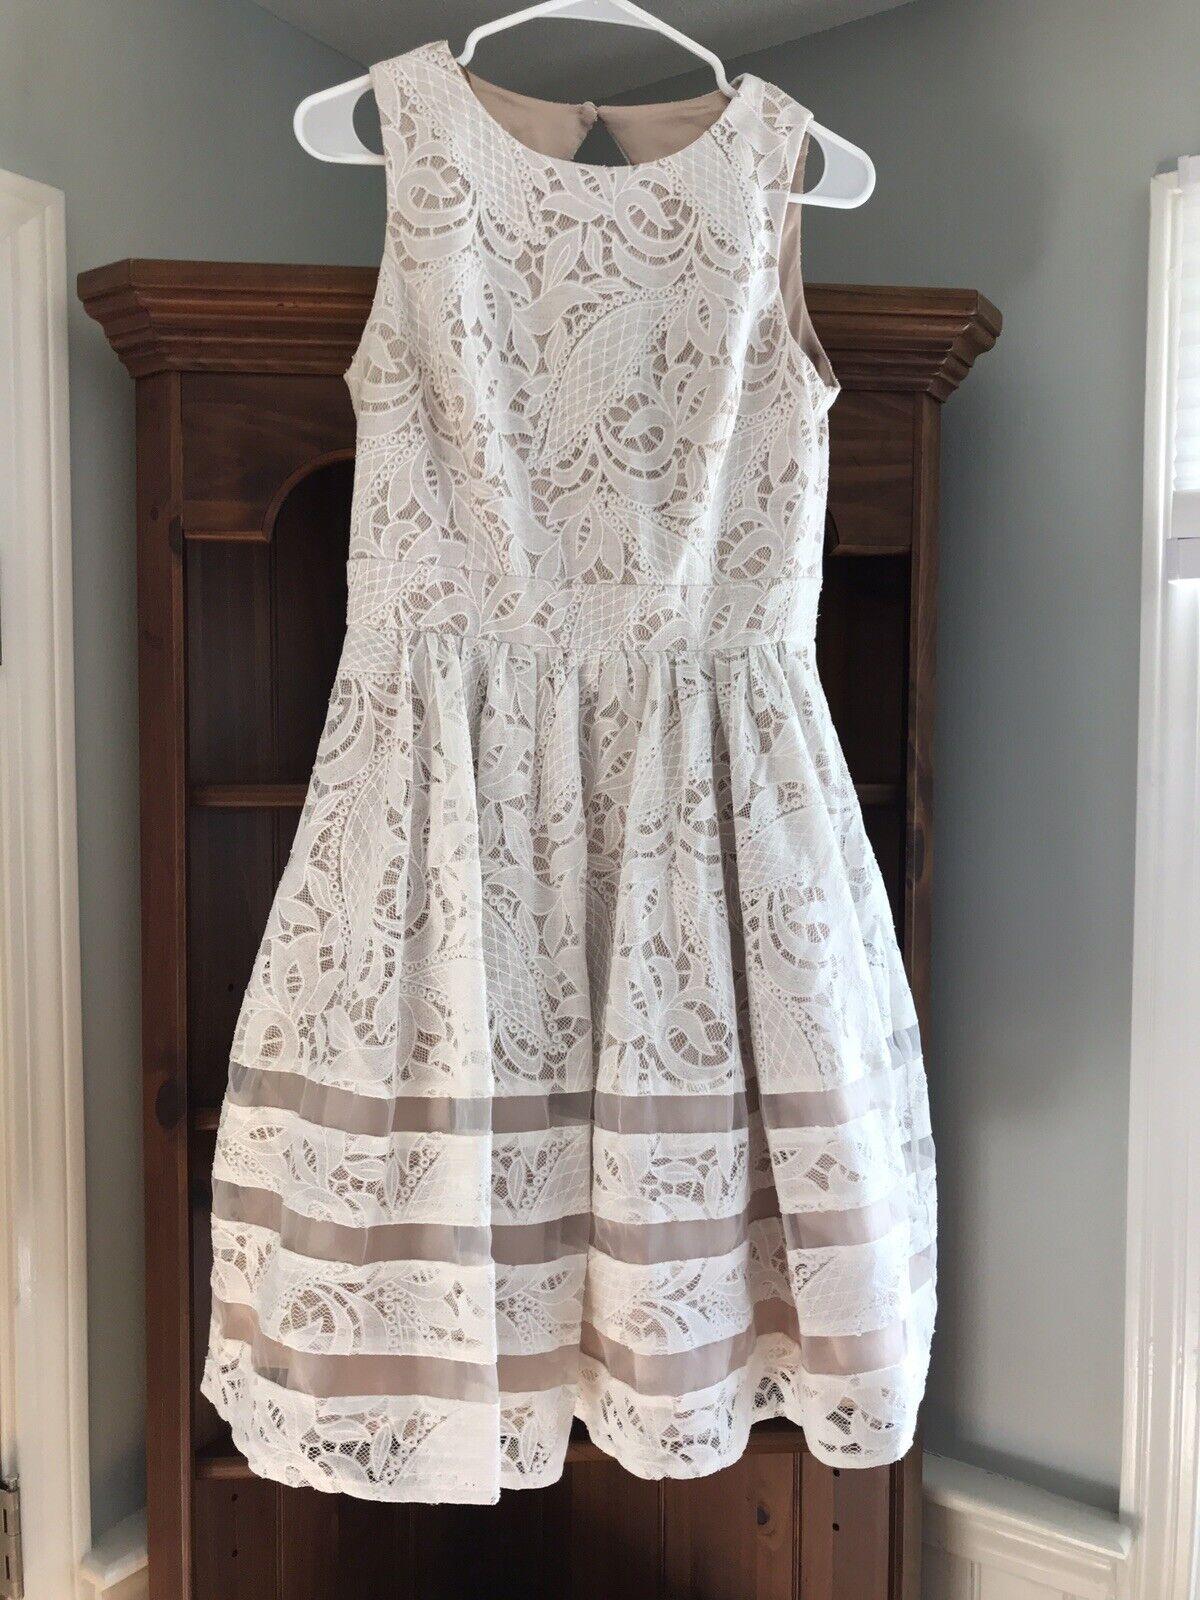 Eliza J Fit & Flare Ivory Lace Dress, Cotton Blend, Größe 6, EUC